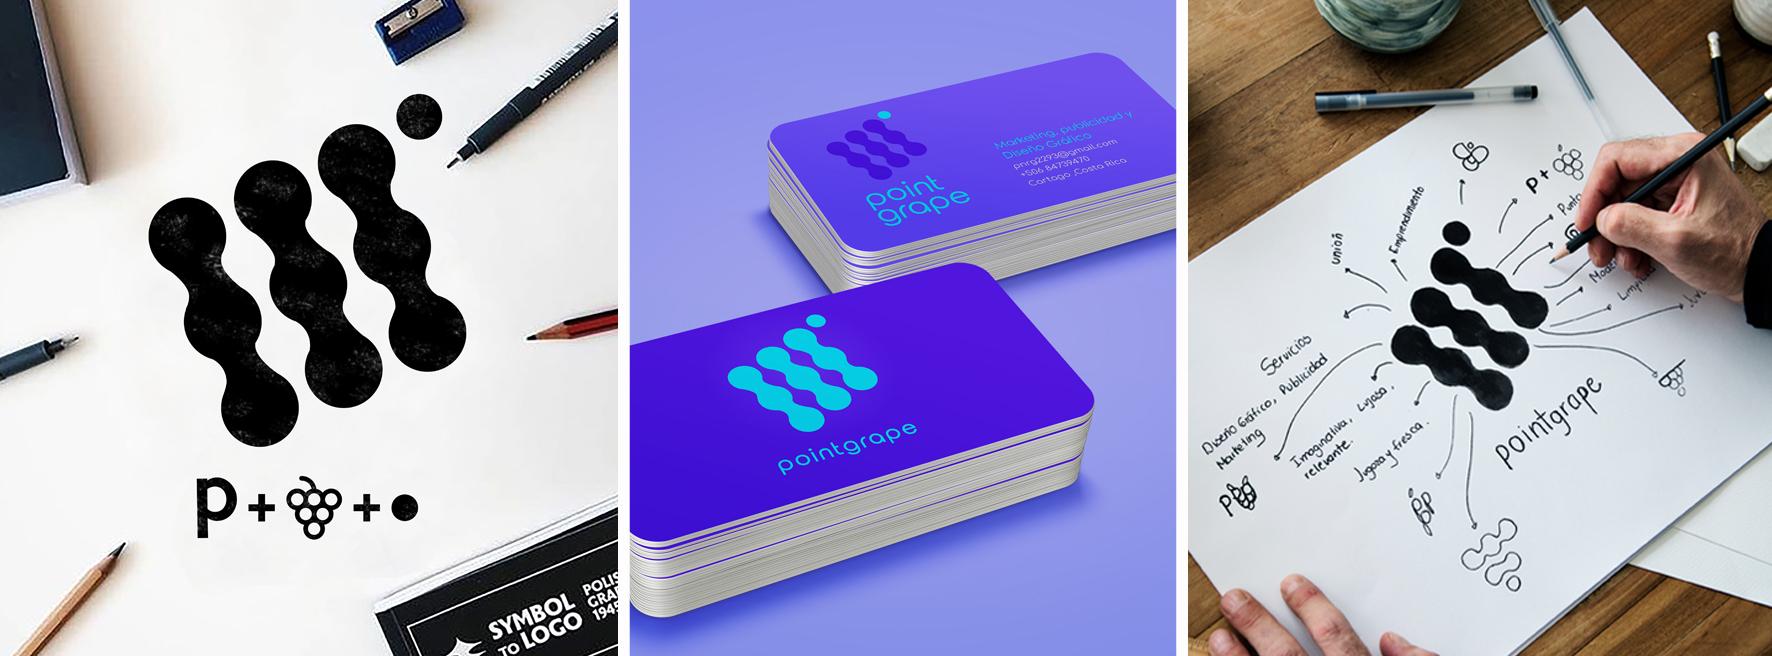 Diseño de Marca Digital general Santa Gráfica online